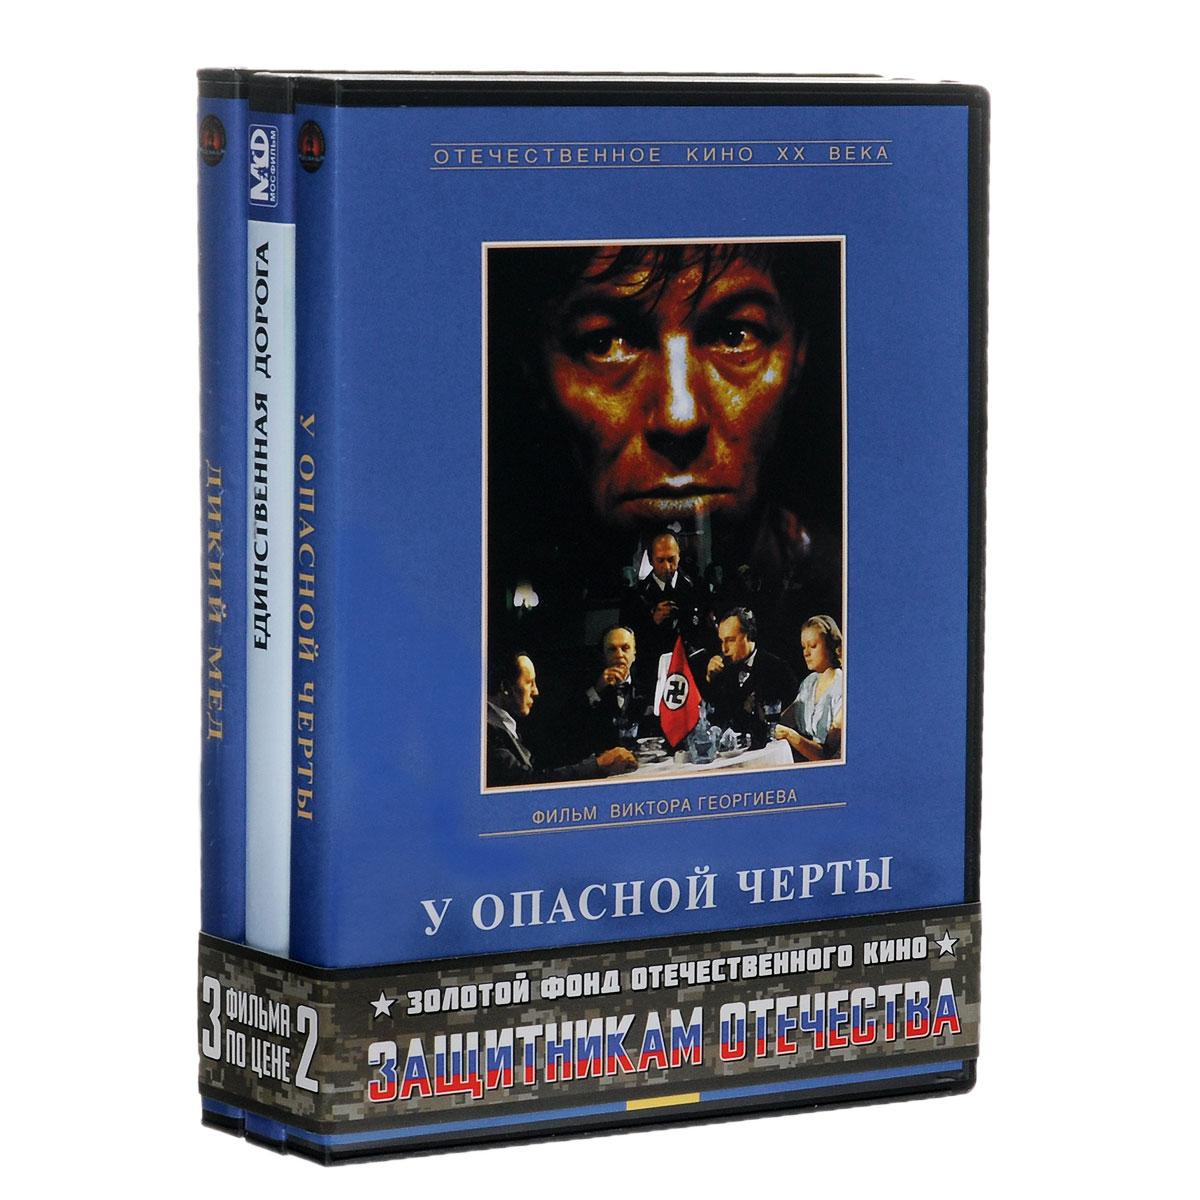 Защитникам отечества: Дикий мед / Единственная дорога / У опасной черты (3 DVD)